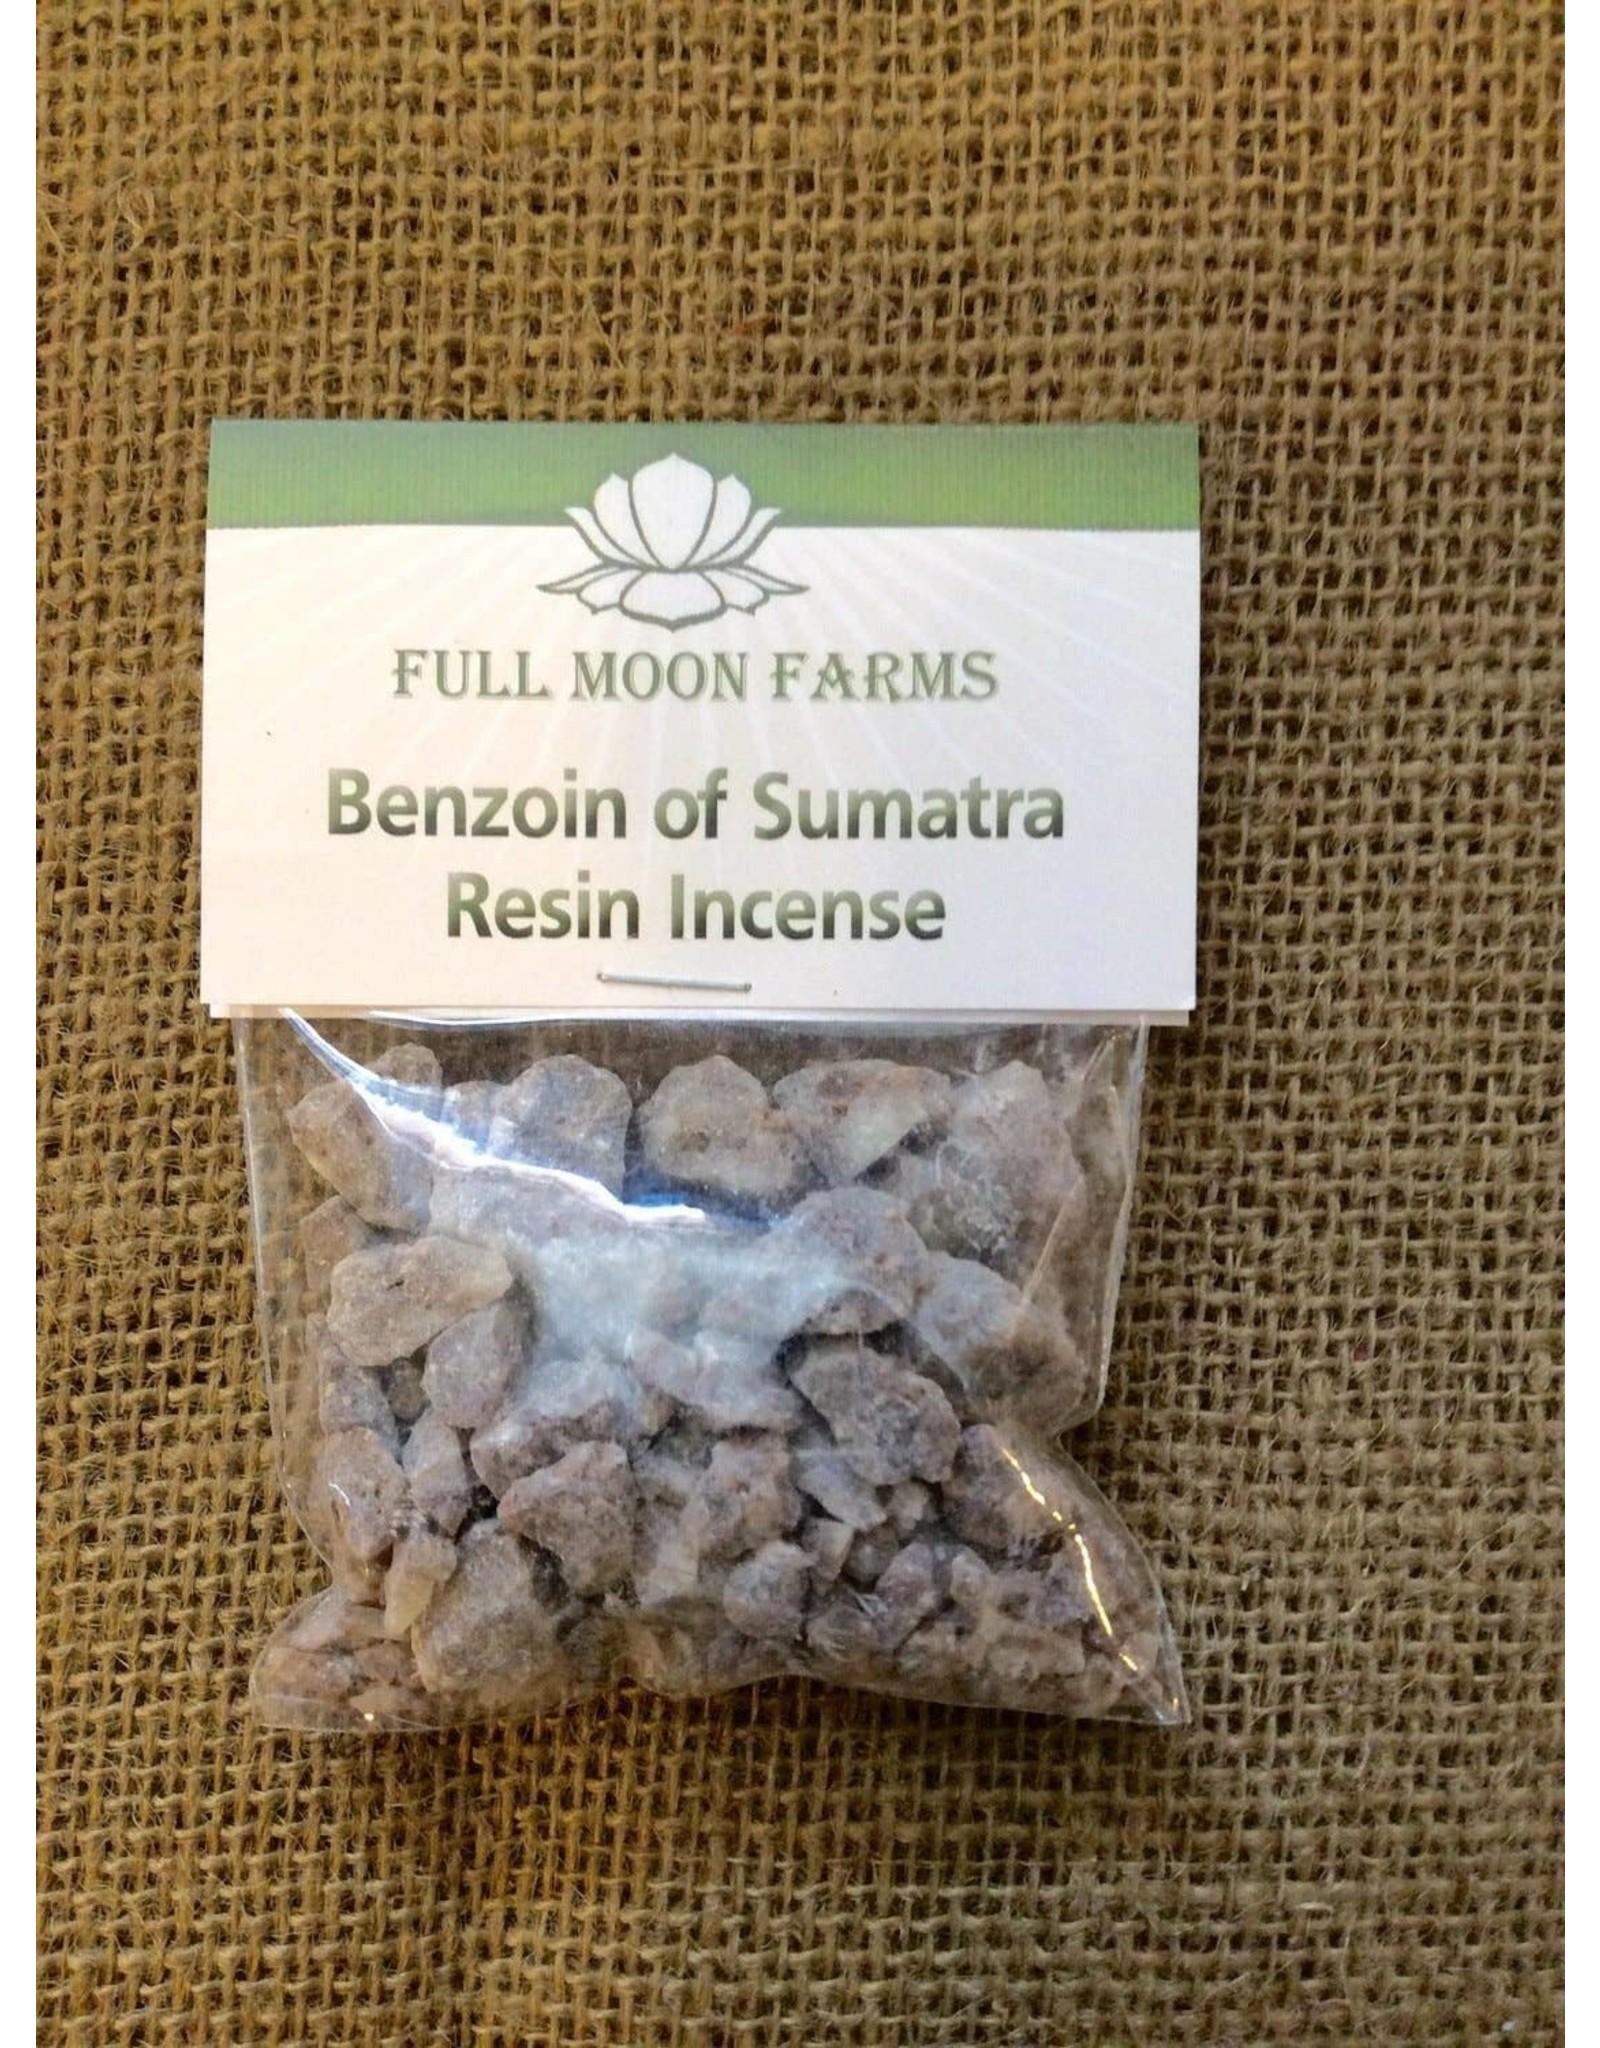 Full Moons Farms Resin Incense   Benzoin of Sumatra